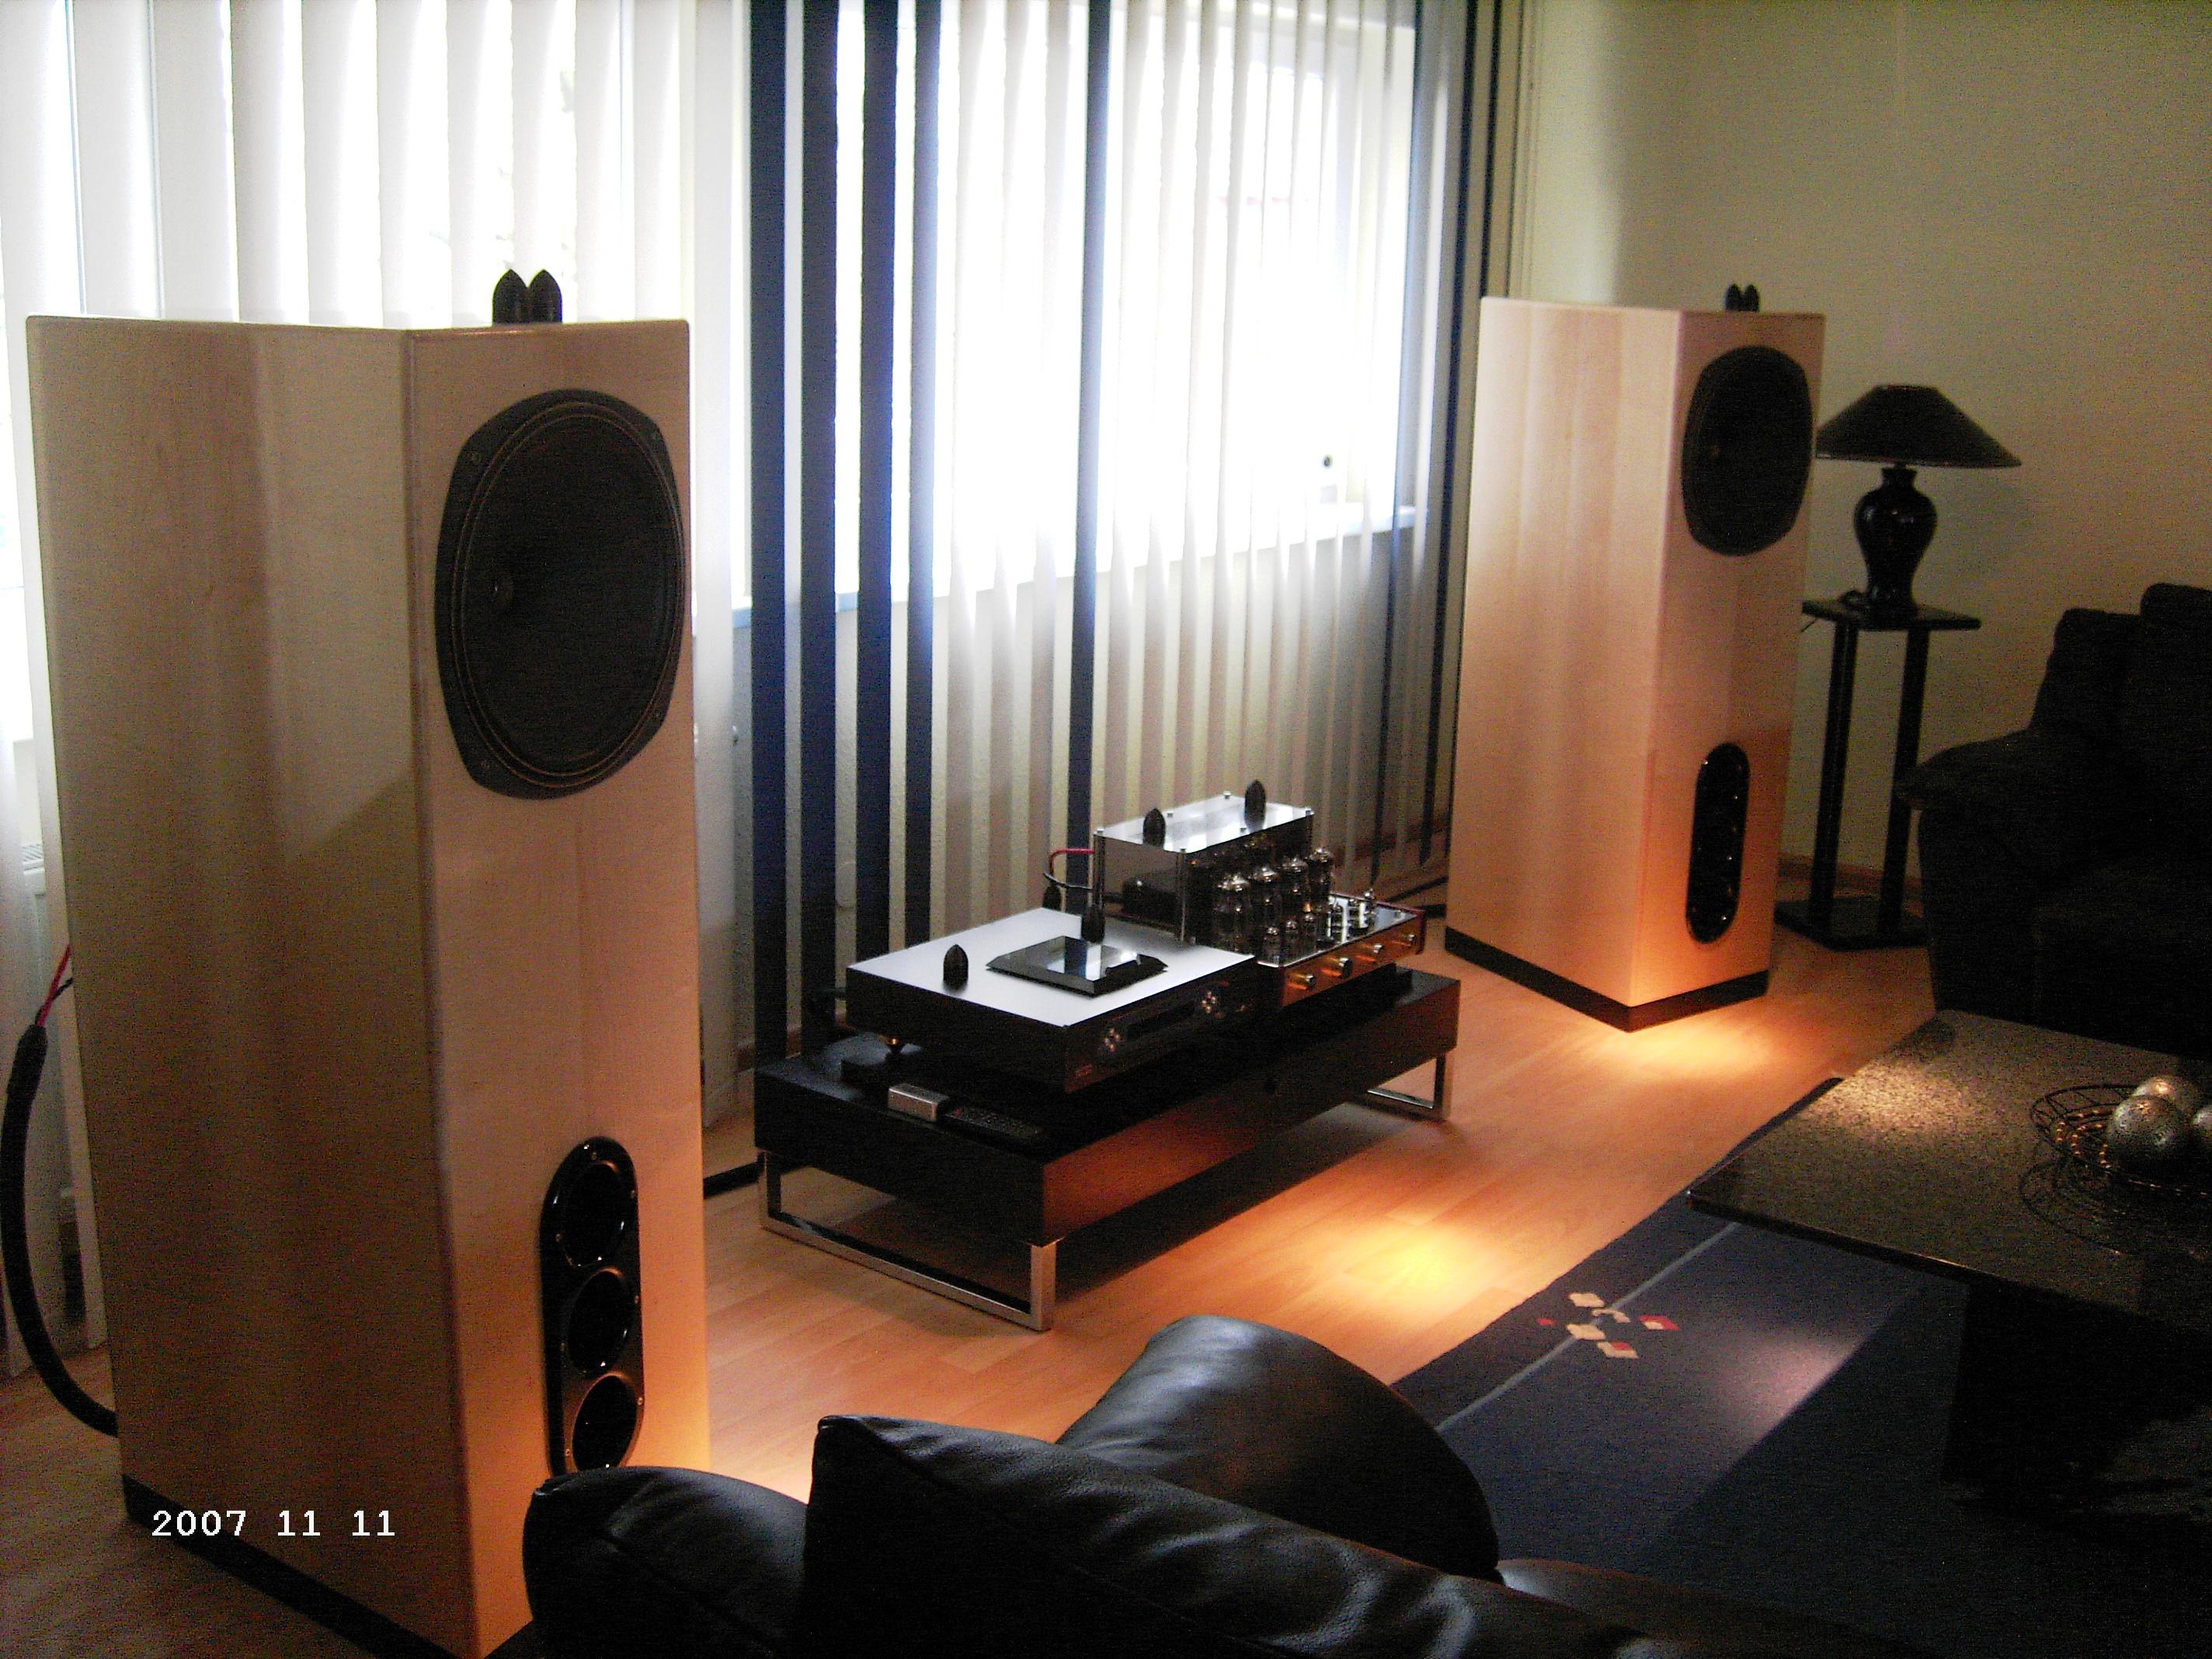 tannoy lautsprecher sondermodell in berlin gebaut auf. Black Bedroom Furniture Sets. Home Design Ideas